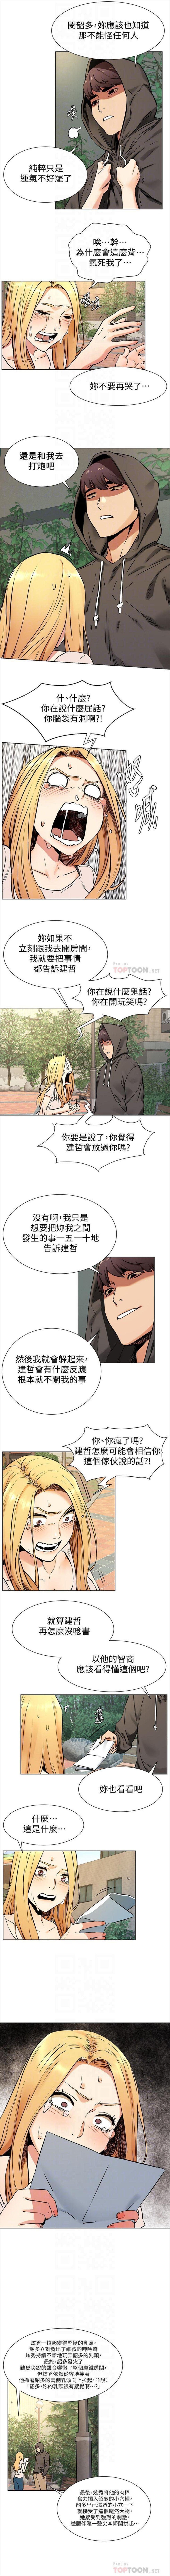 (週5)衝突 1-94 中文翻譯 (更新中) 466